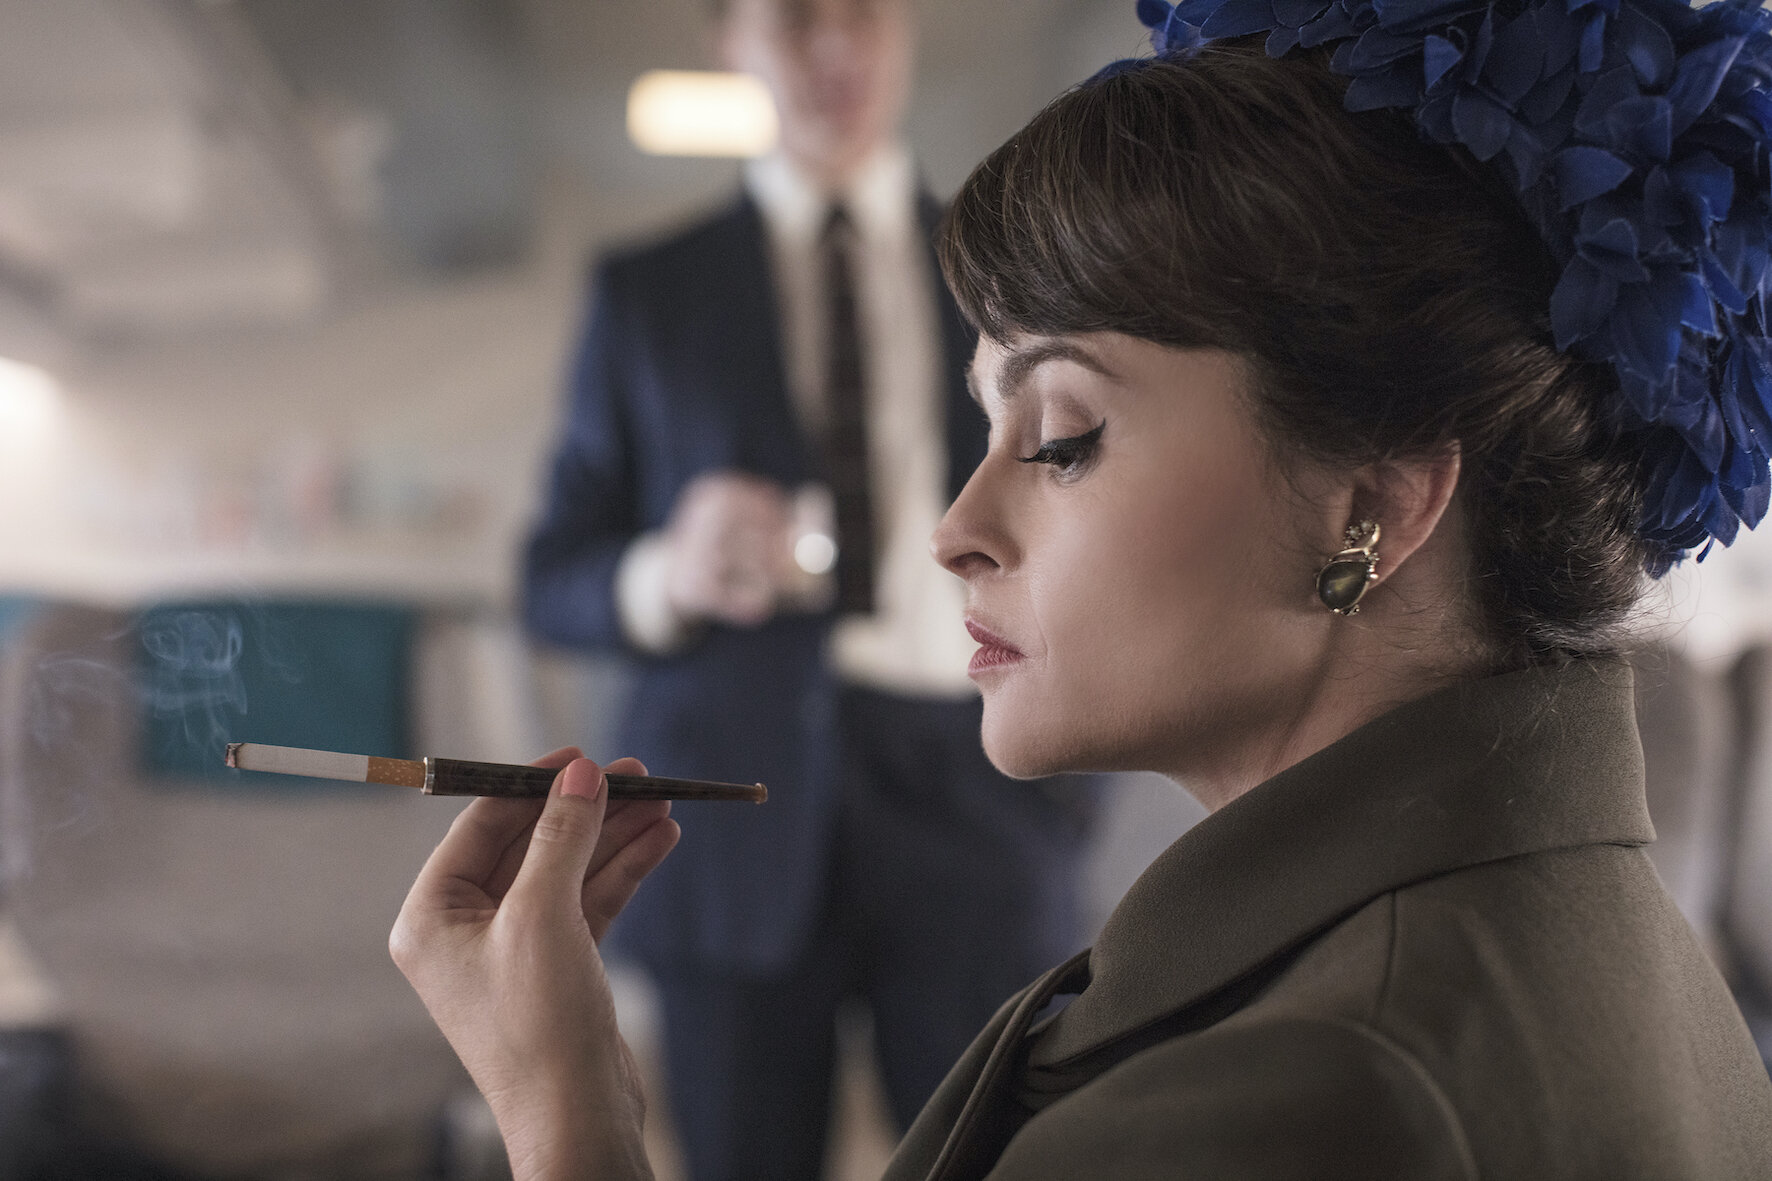 Helena Bonham Carter spielt Prinzessin Margaret in der preisgekrönten Netflix-Produktion. © Sophie Mutevelian